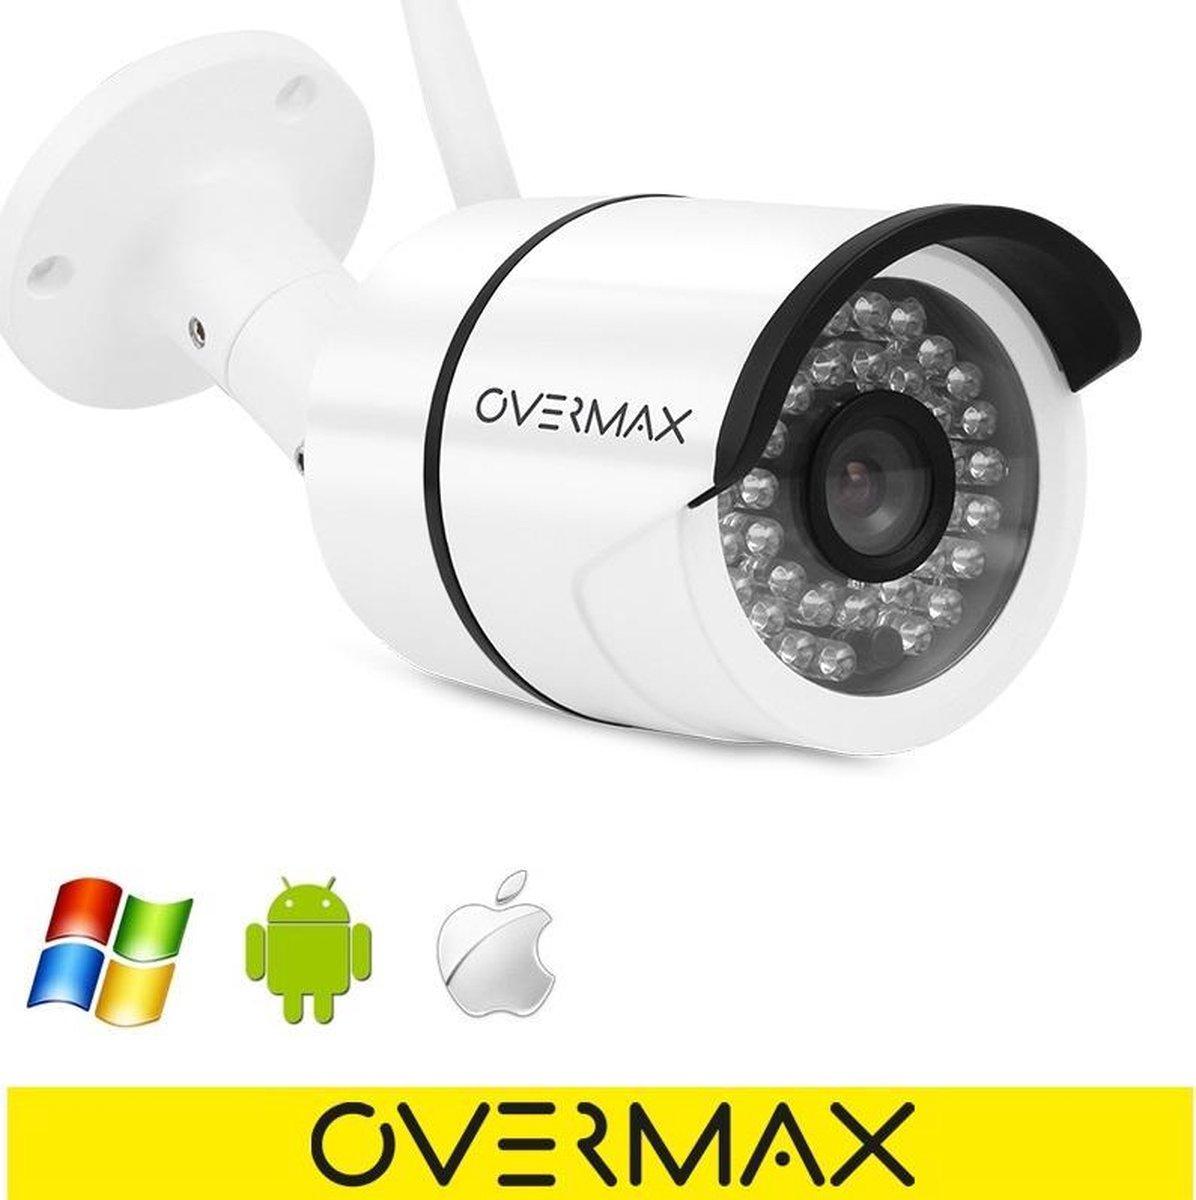 Overmax Camspot 4.5 - Beveiliging camera buiten - Full HD beeldkwaliteit - Wit - Overmax